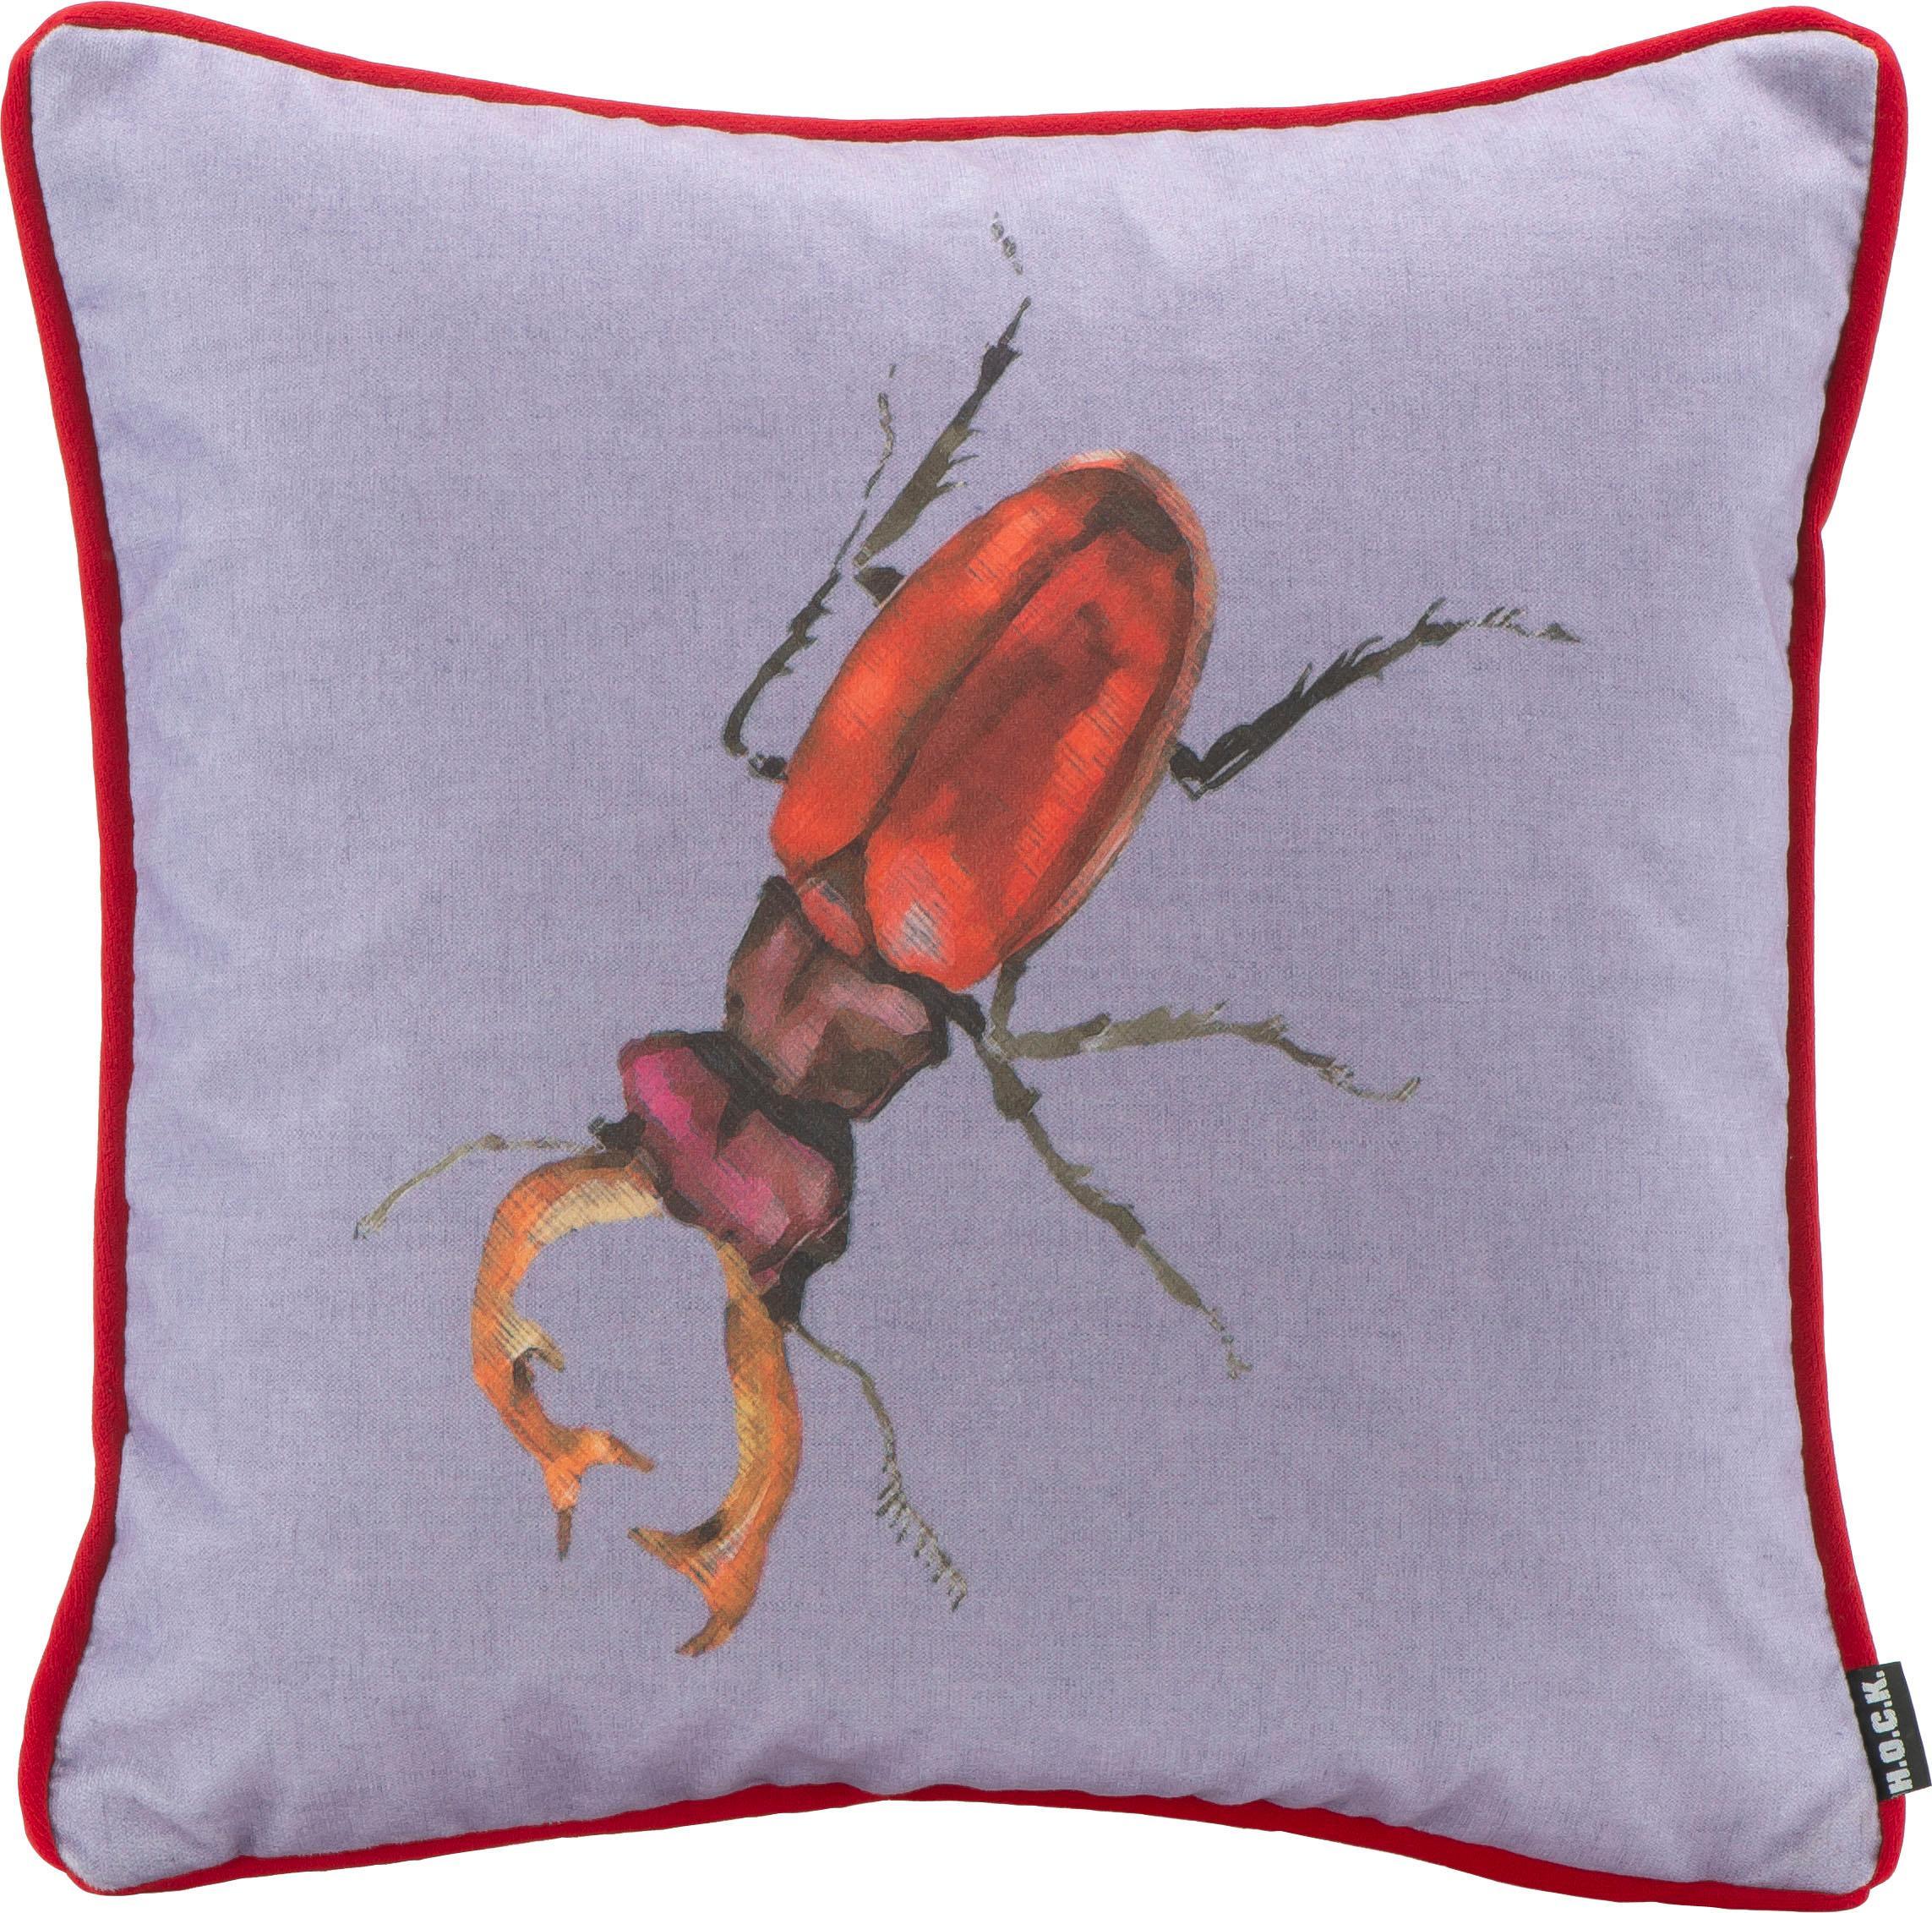 Hock Kissen Bugs Hirschkäfer 45/45 cm